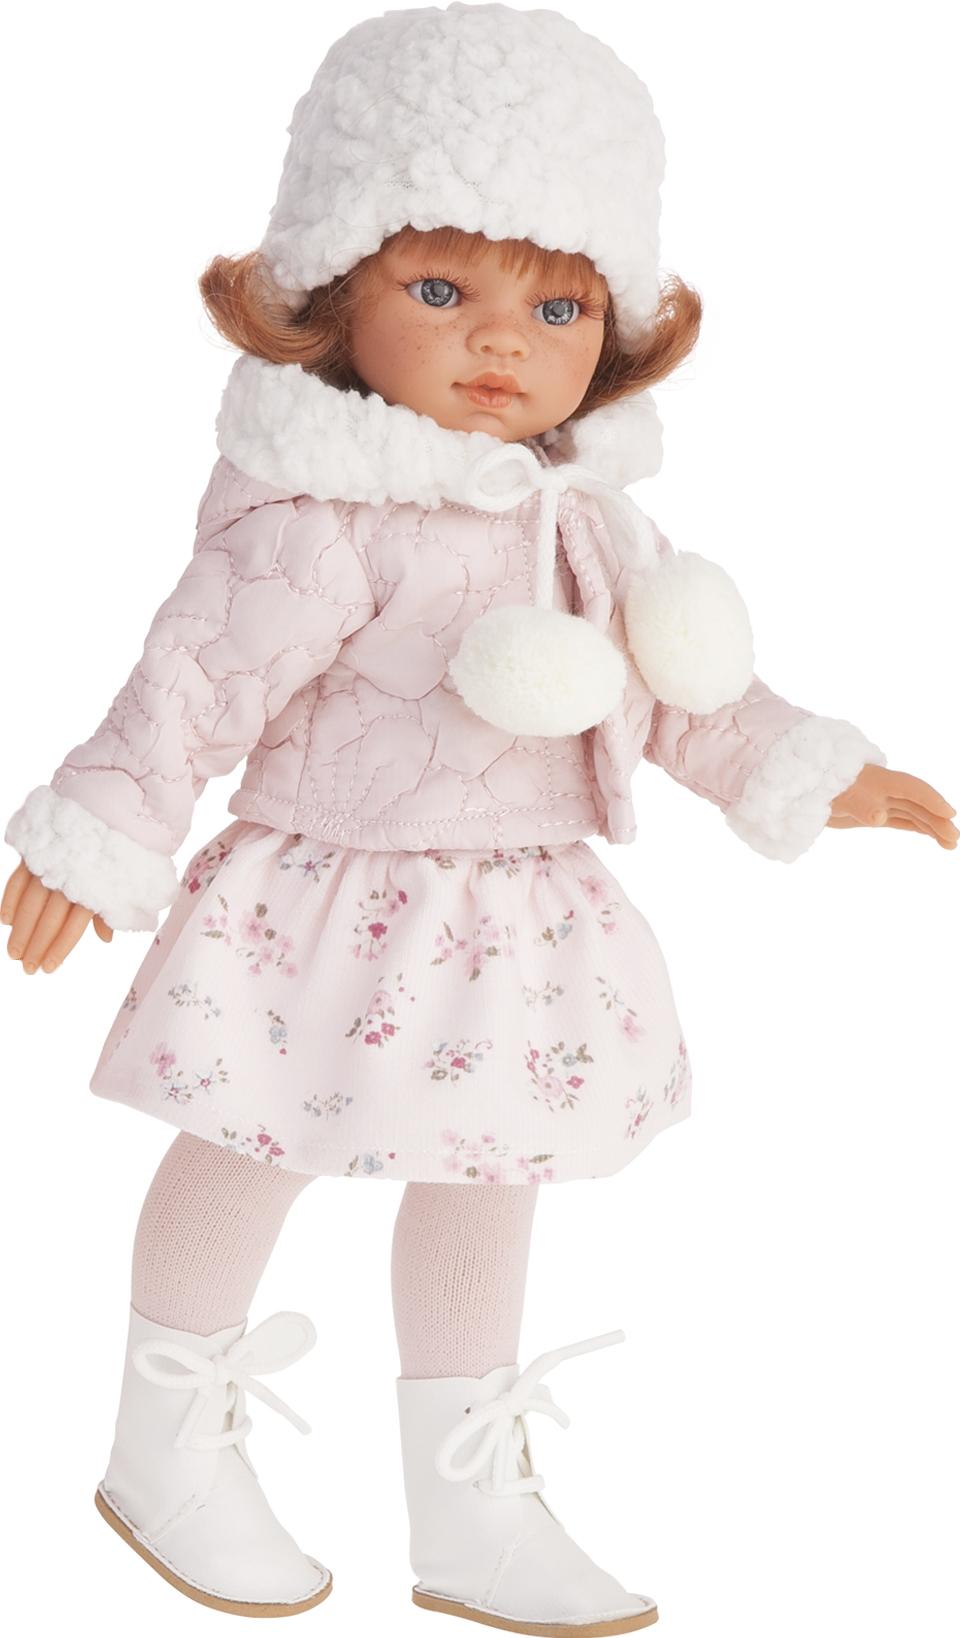 Кукла Эльвира зимний образ, рыжая, 33 см. от Toyway